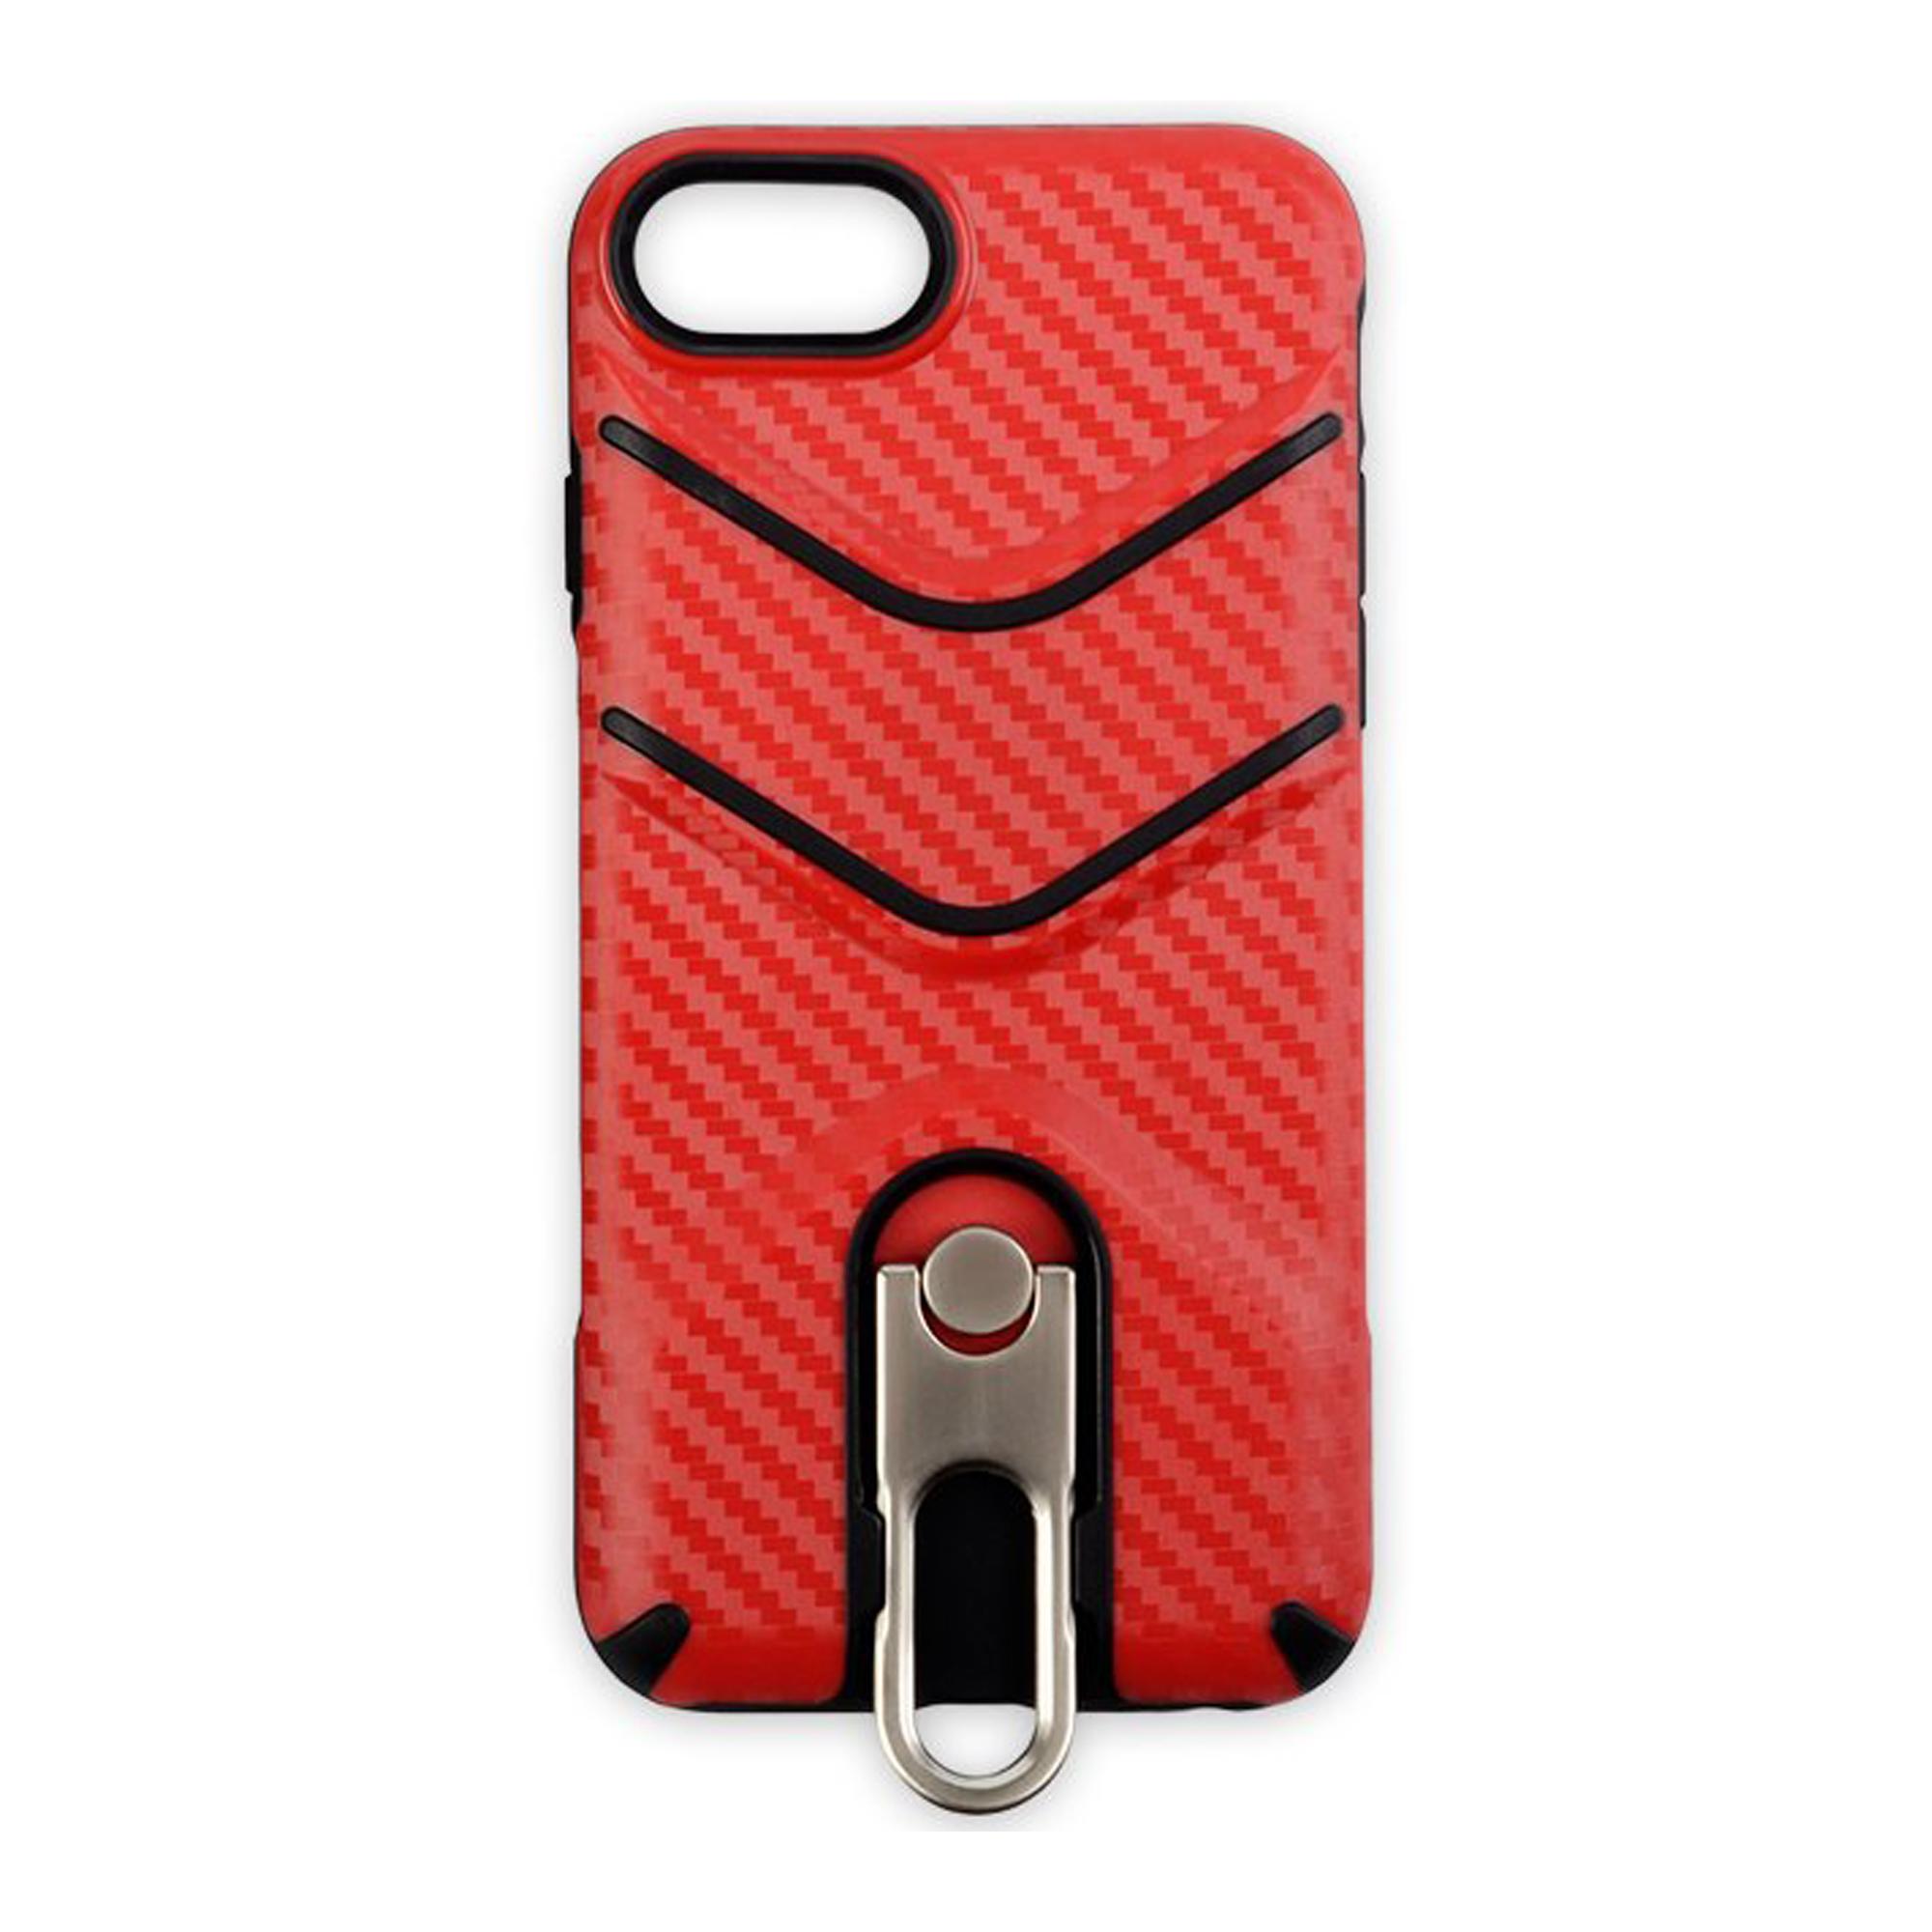 کاور آیکن مدل Desof مناسب برای گوشی موبایل اپل iPhone 7 / 8 / SE 2020